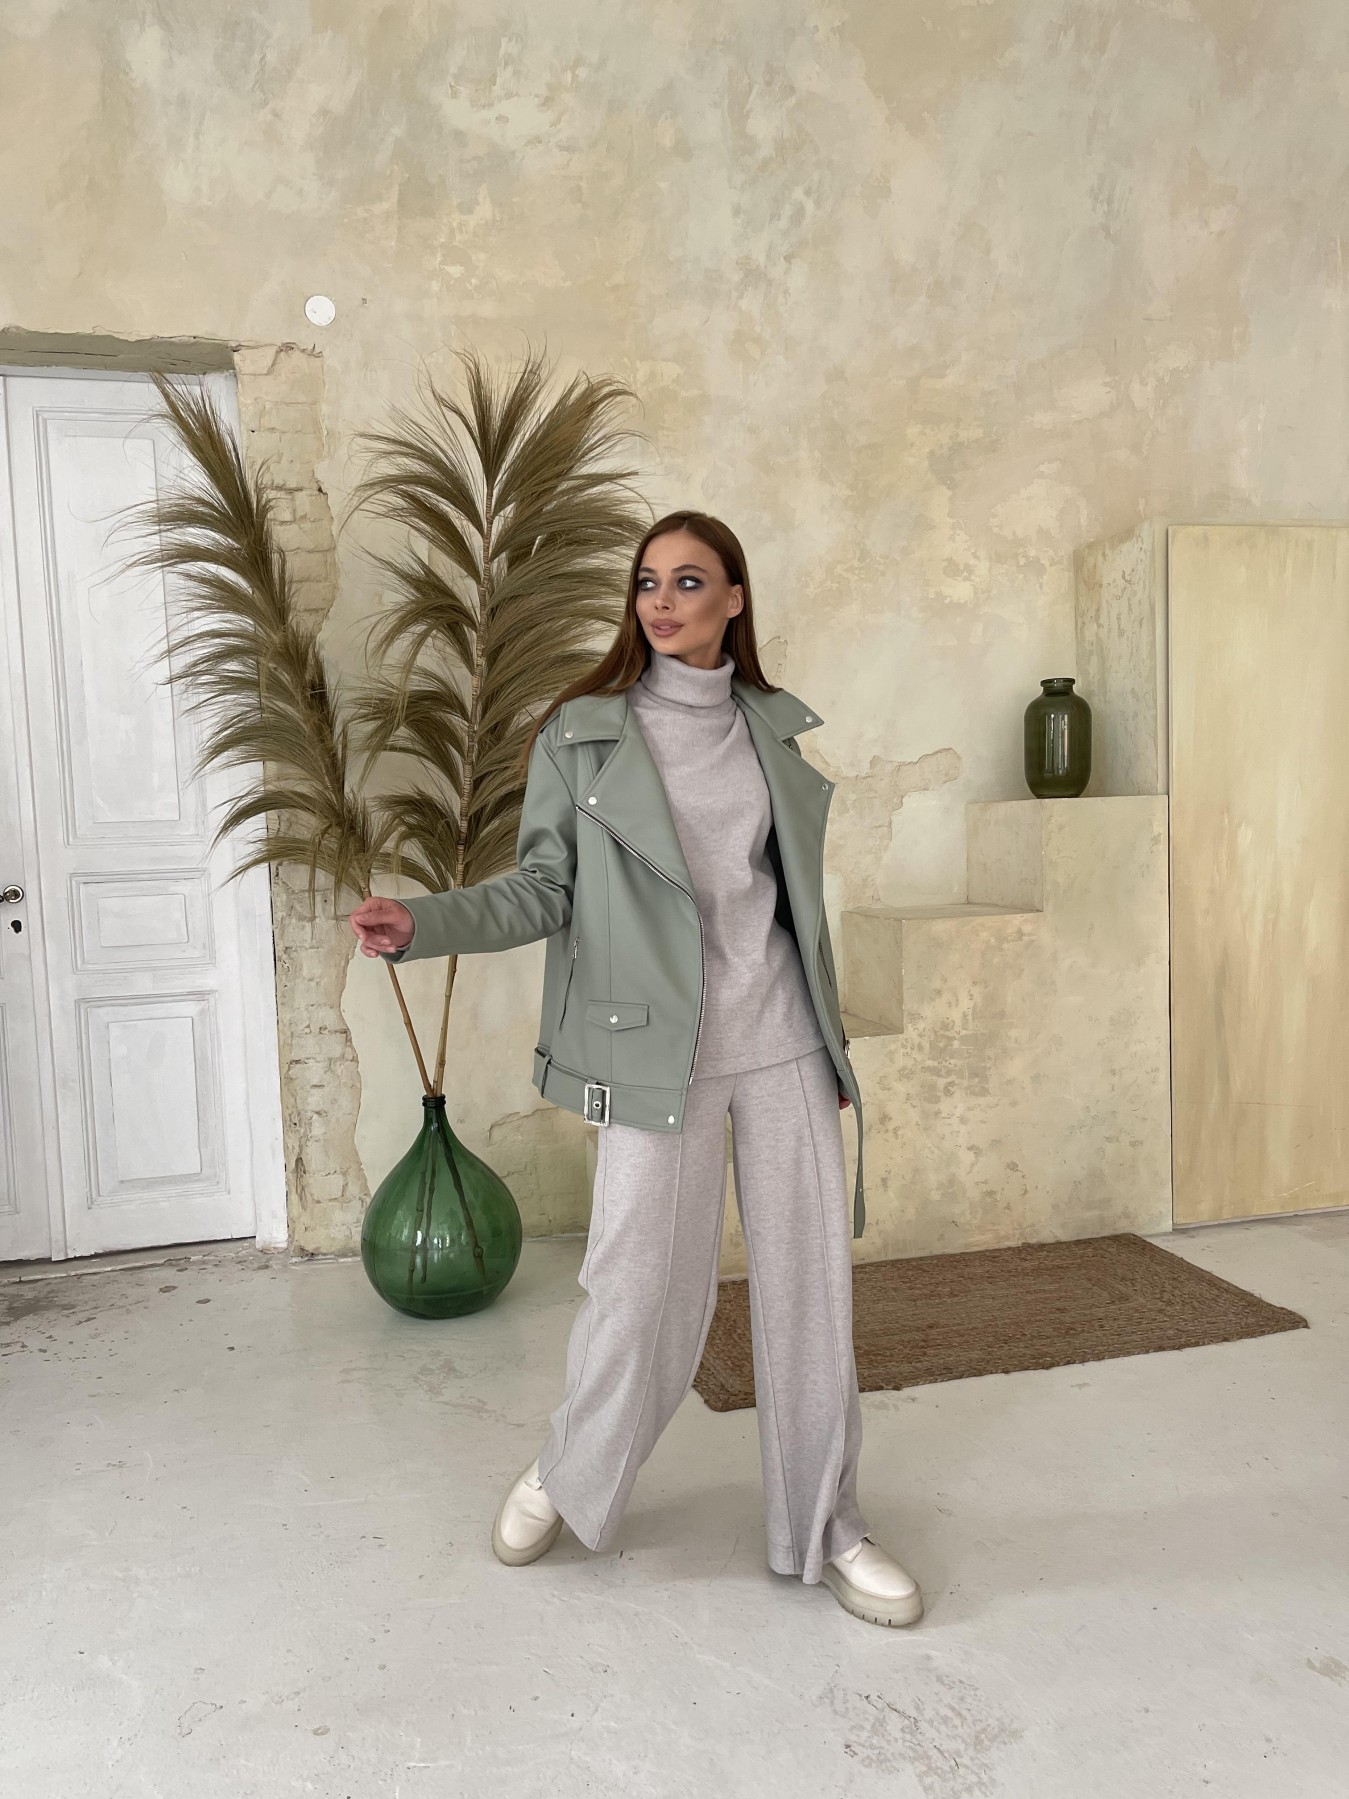 Босс Утепленная куртка из эко-кожи 11772 АРТ. 48578 Цвет: Олива - фото 8, интернет магазин tm-modus.ru